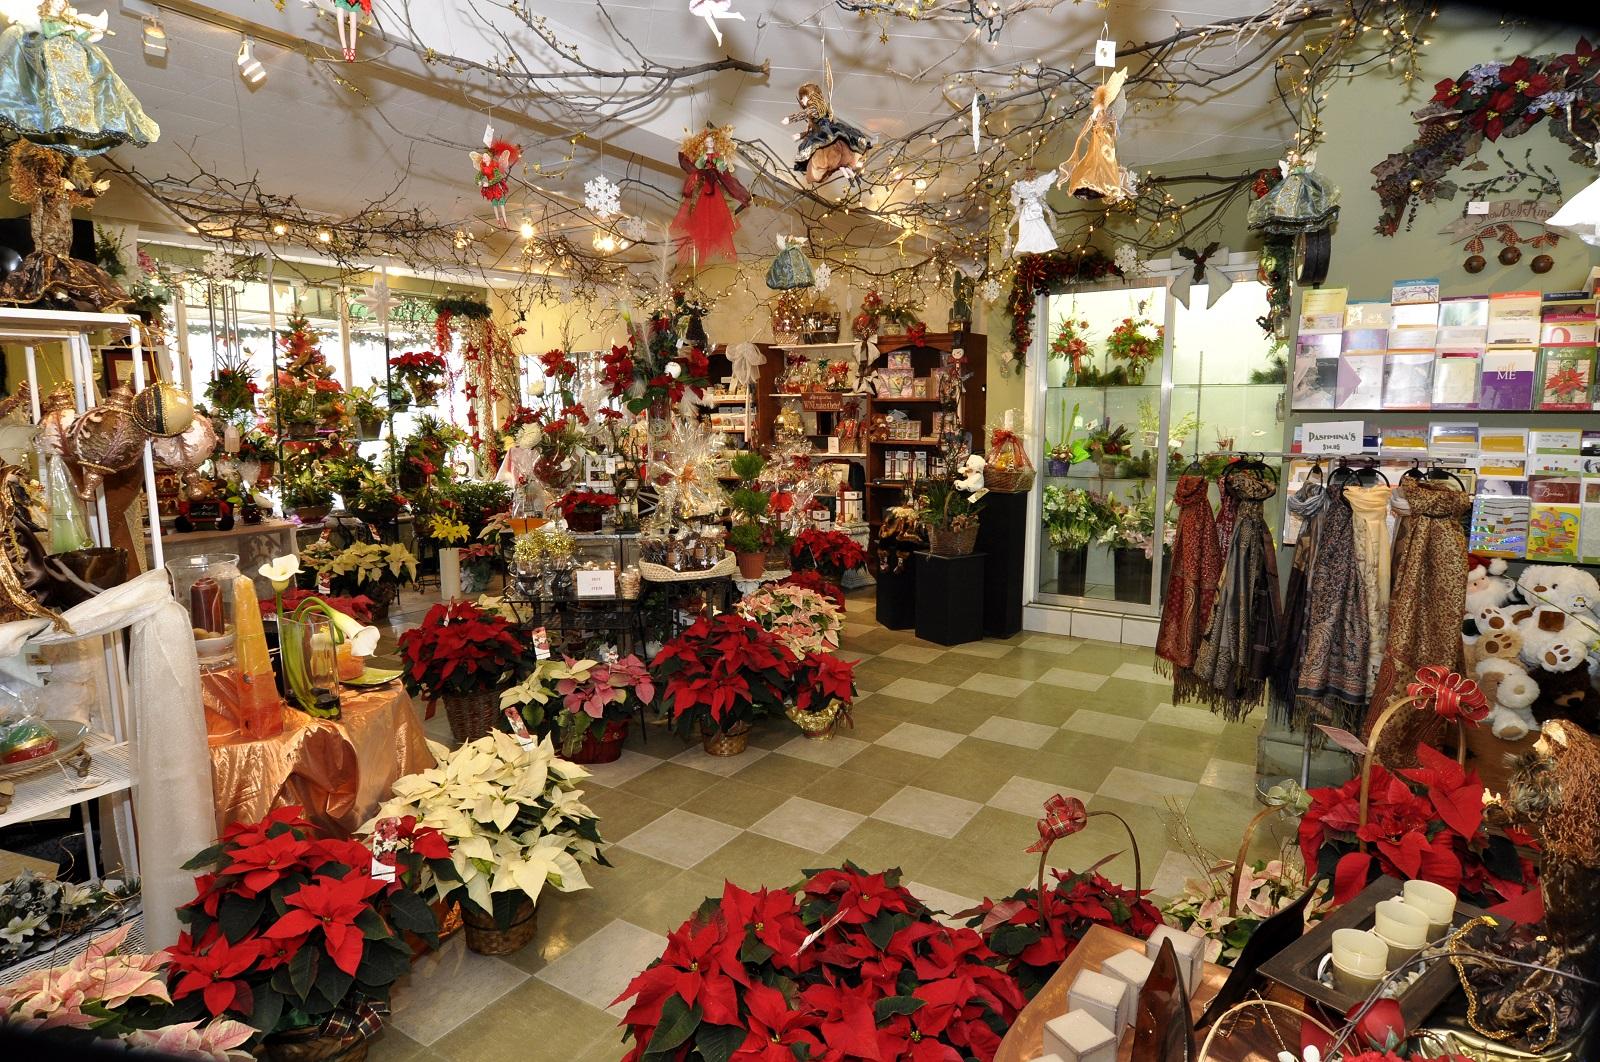 Christmas_at_Dobbie_s_Charlies_Pics_010_xjuj50.jpg